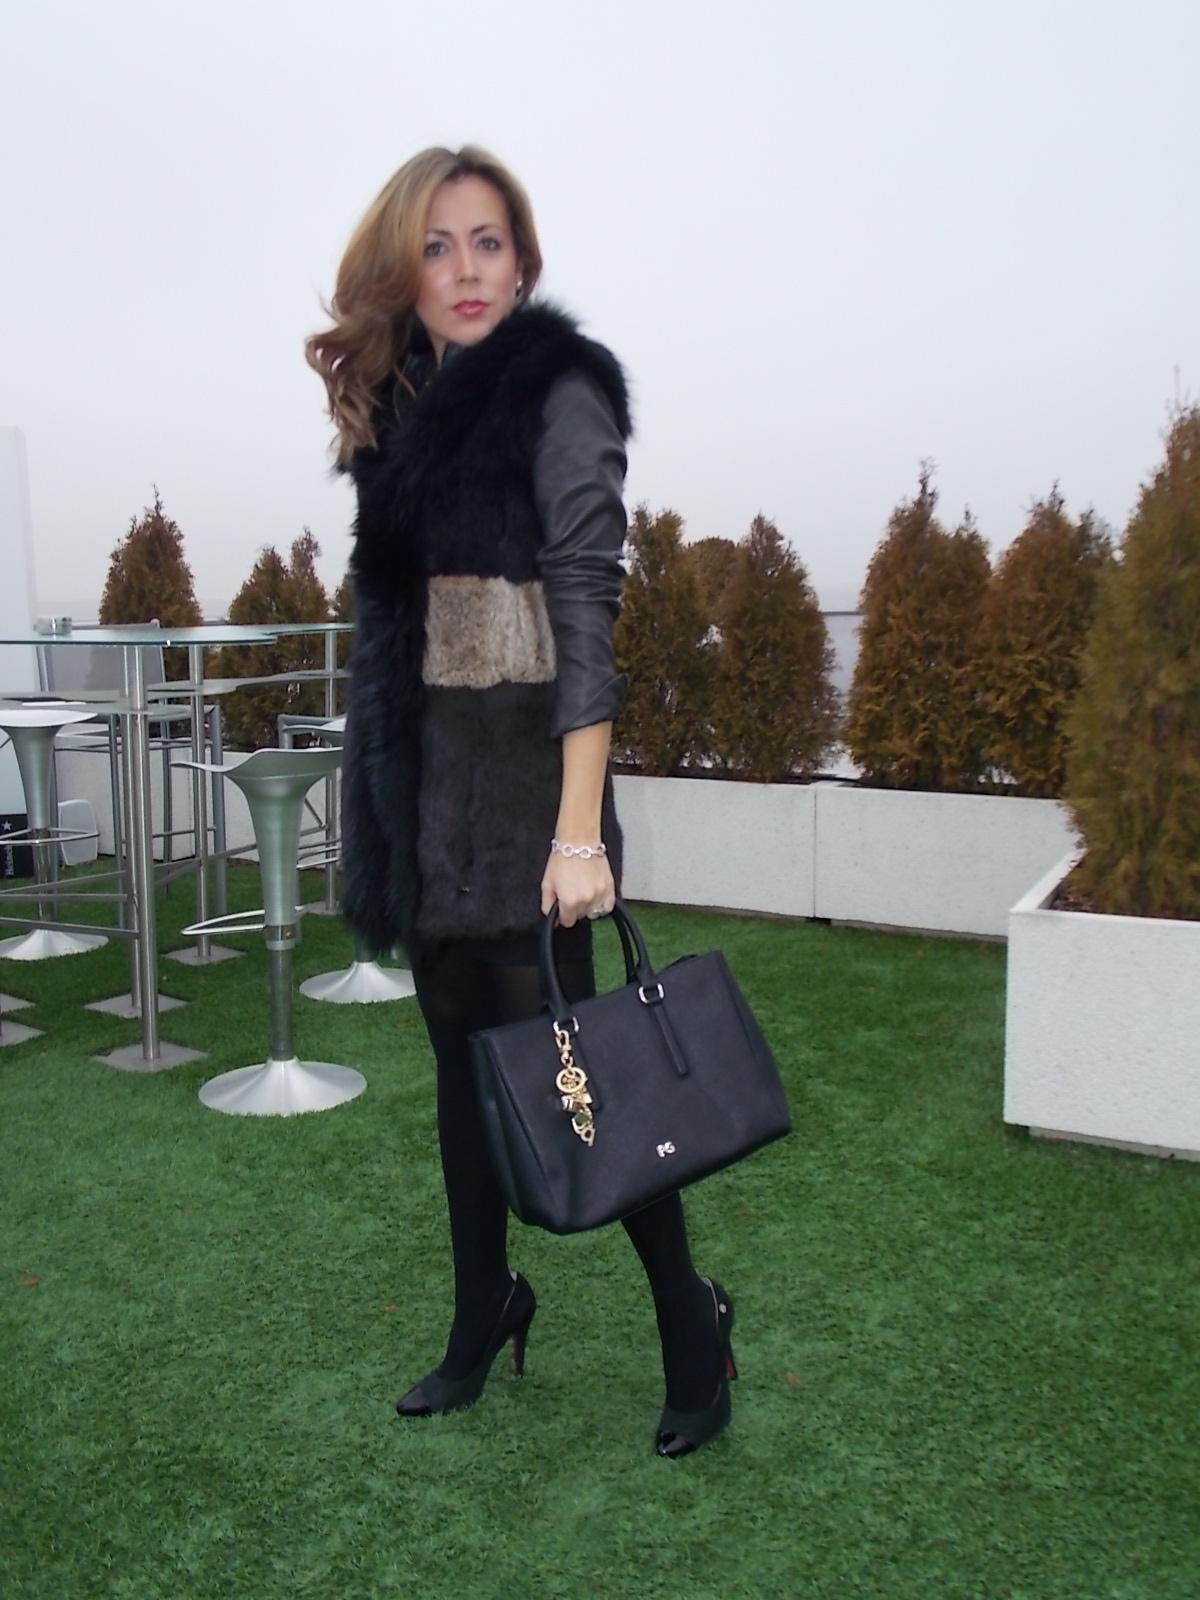 Falda negra en tienda de ropa 1 - 3 8